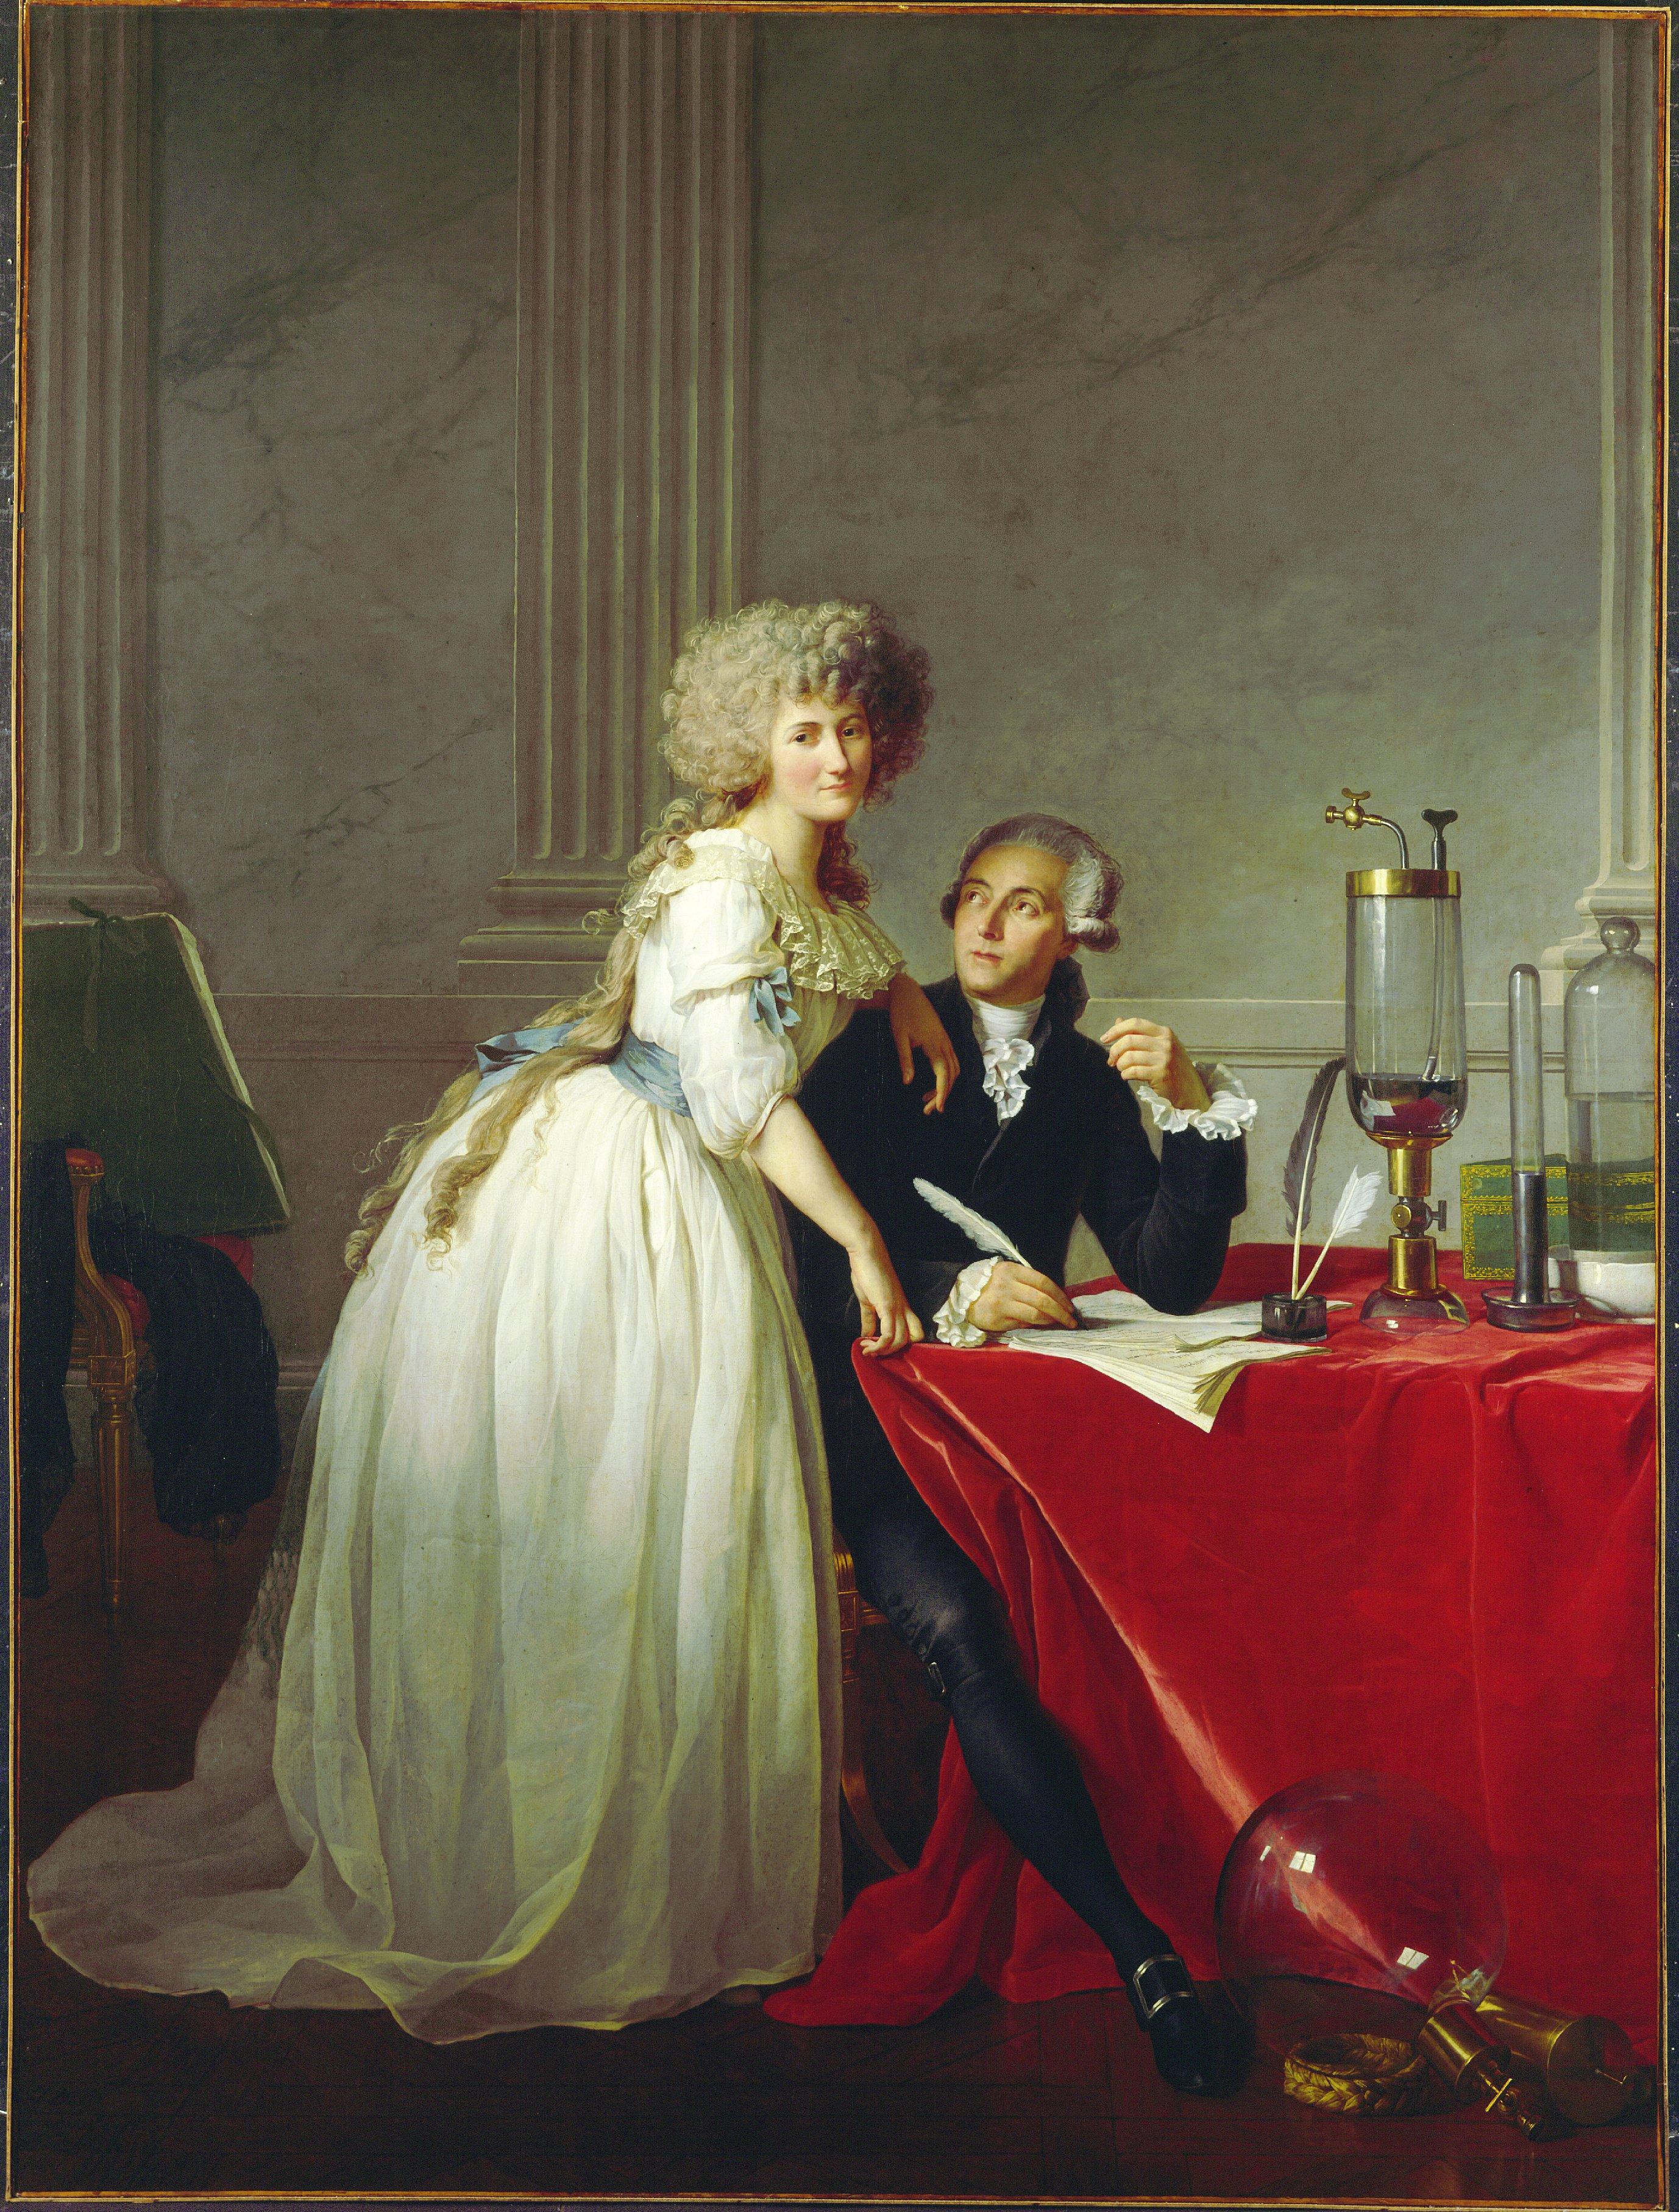 Lavoisier (26 Ağustos 1743 - 8 Mayıs 1794)